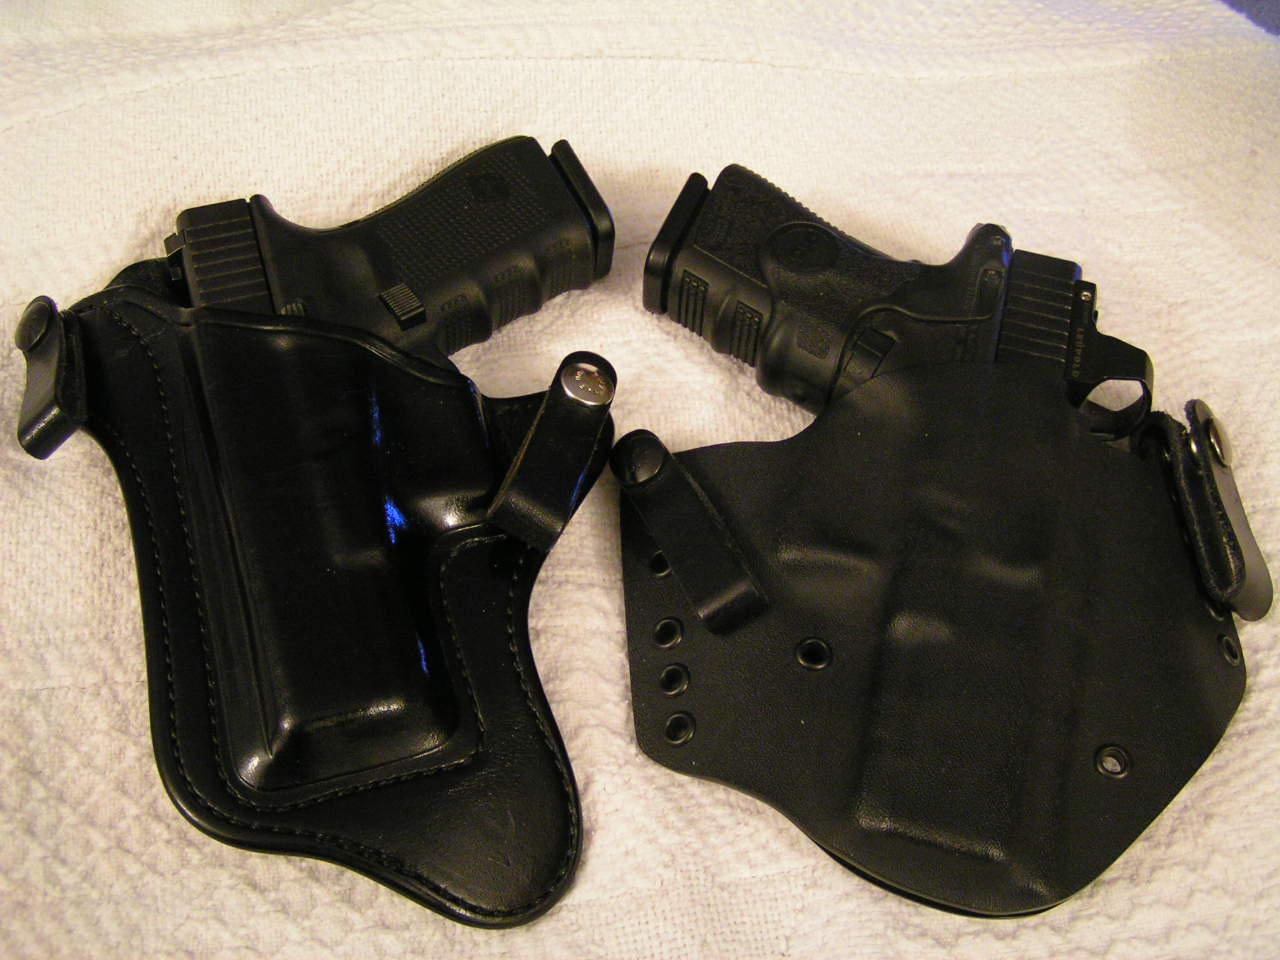 Glock 23 concealed carry-glocks-edc-007.jpg